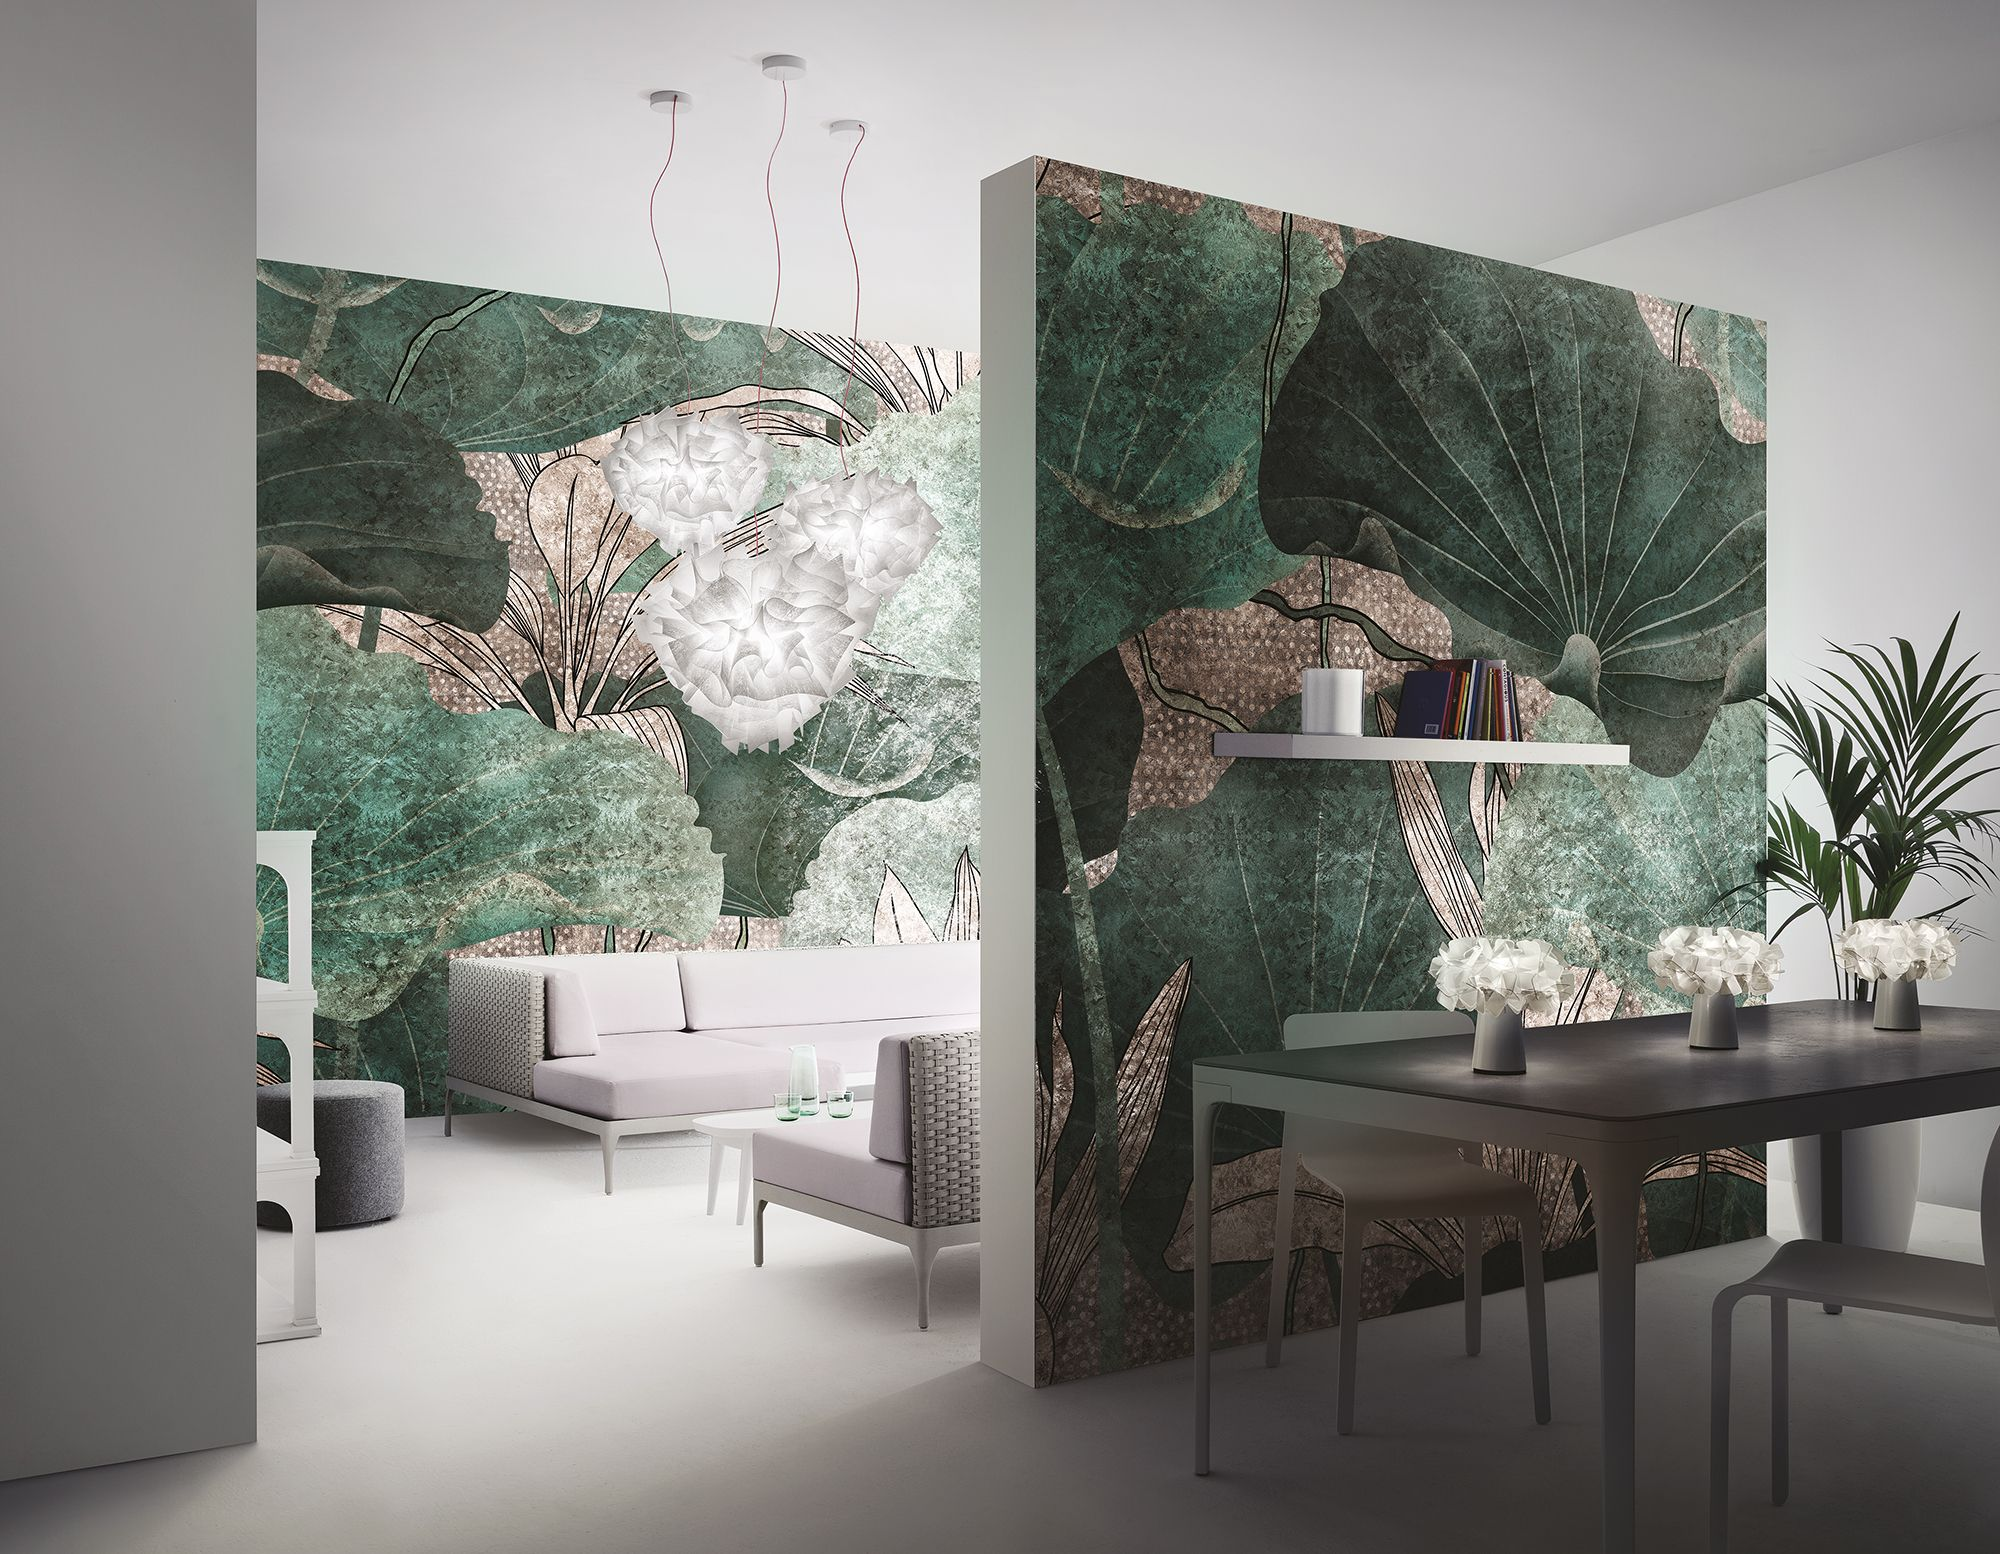 Moderno non è sinonimo di freddo, di minimale, di razionalità. Inkiostro Bianco Wallpaper 10 New Design In Goldenwall 2019